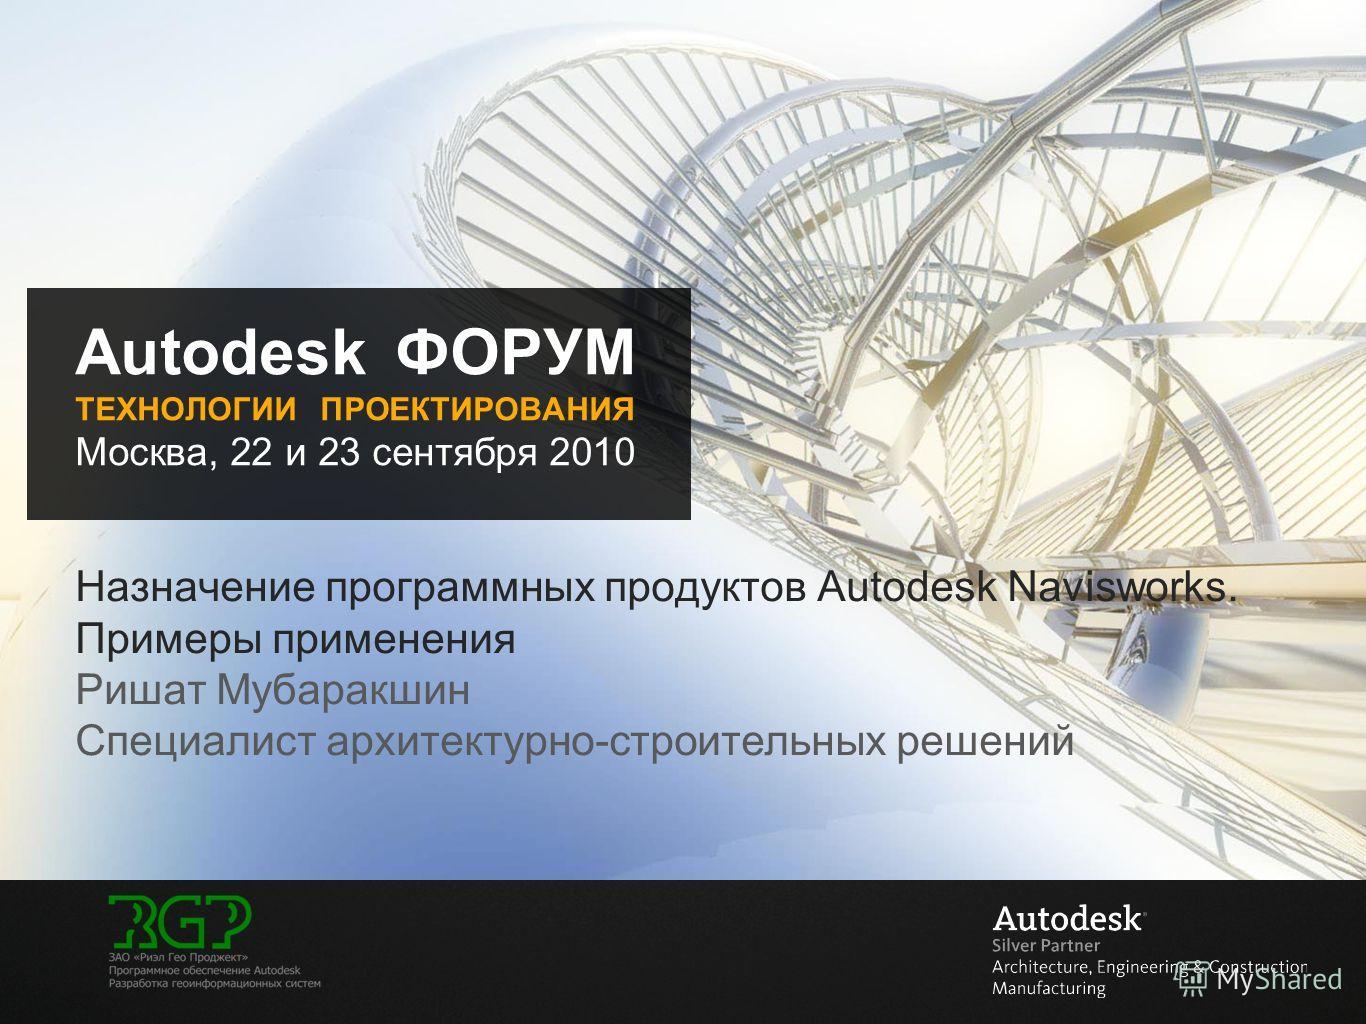 Autodesk ФОРУМ ТЕХНОЛОГИИ ПРОЕКТИРОВАНИЯ Москва, 22 и 23 сентября 2010 Назначение программных продуктов Autodesk Navisworks. Примеры применения Ришат Мубаракшин Специалист архитектурно-строительных решений